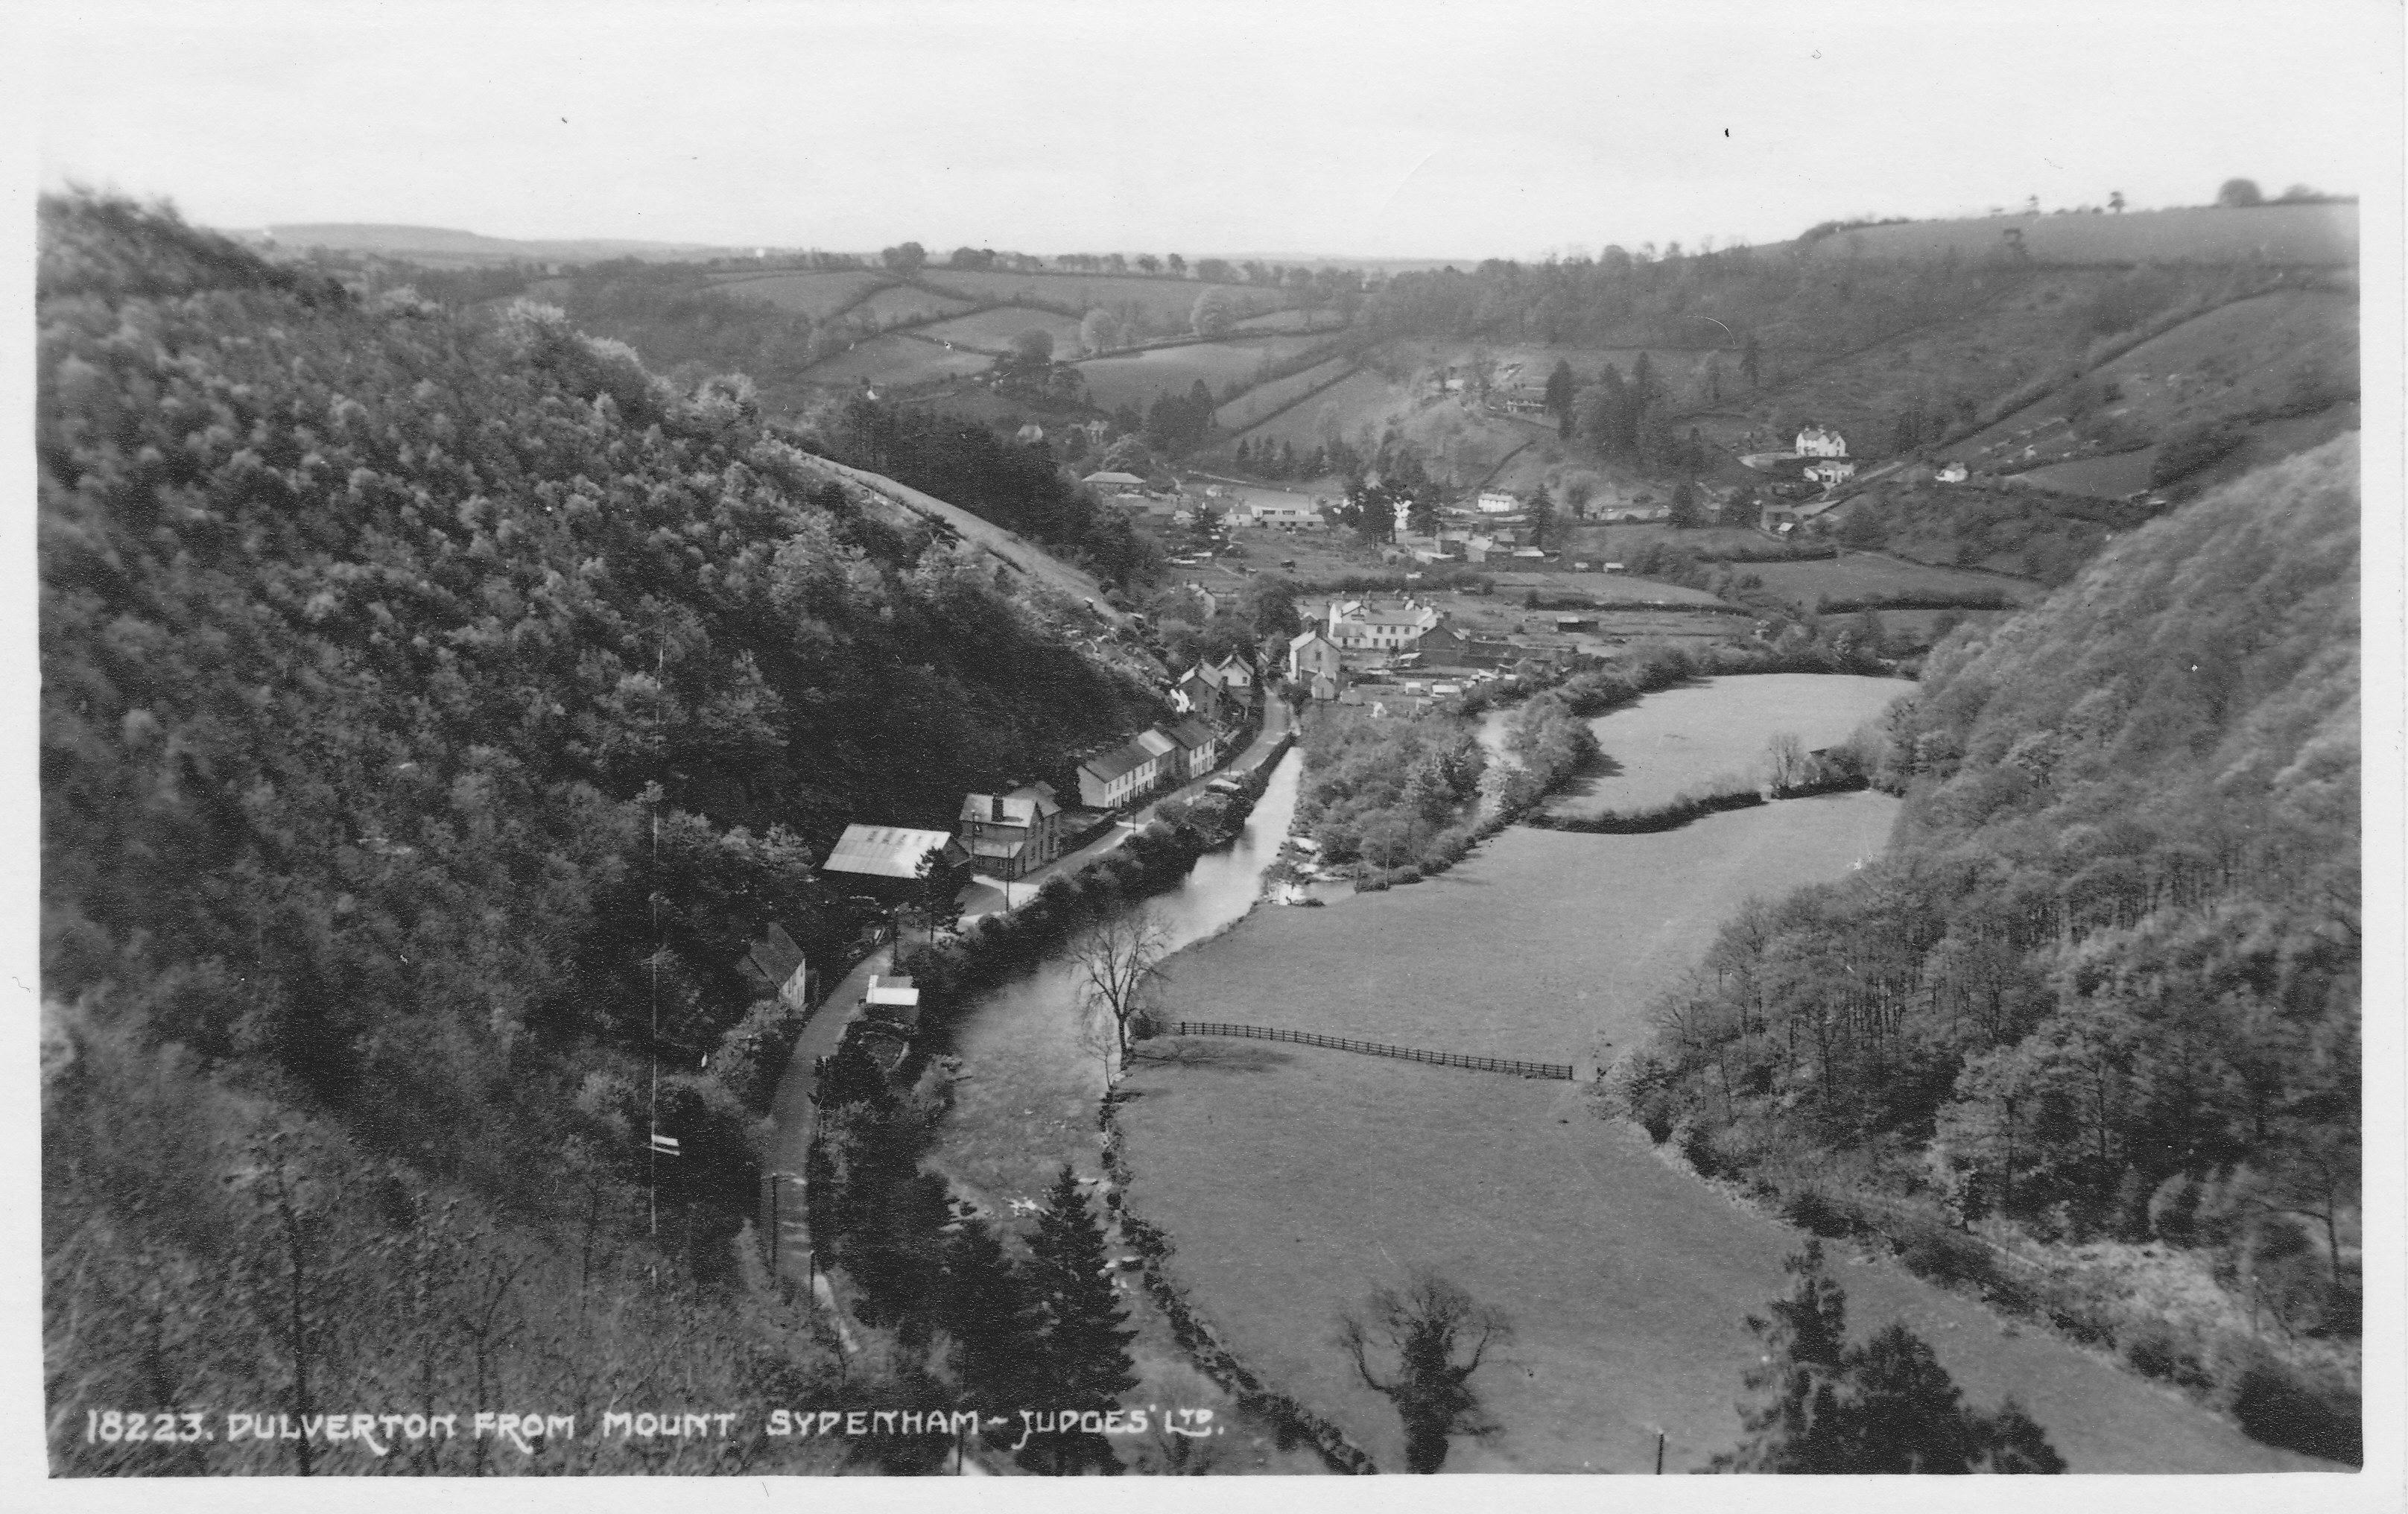 1930 weir photograph